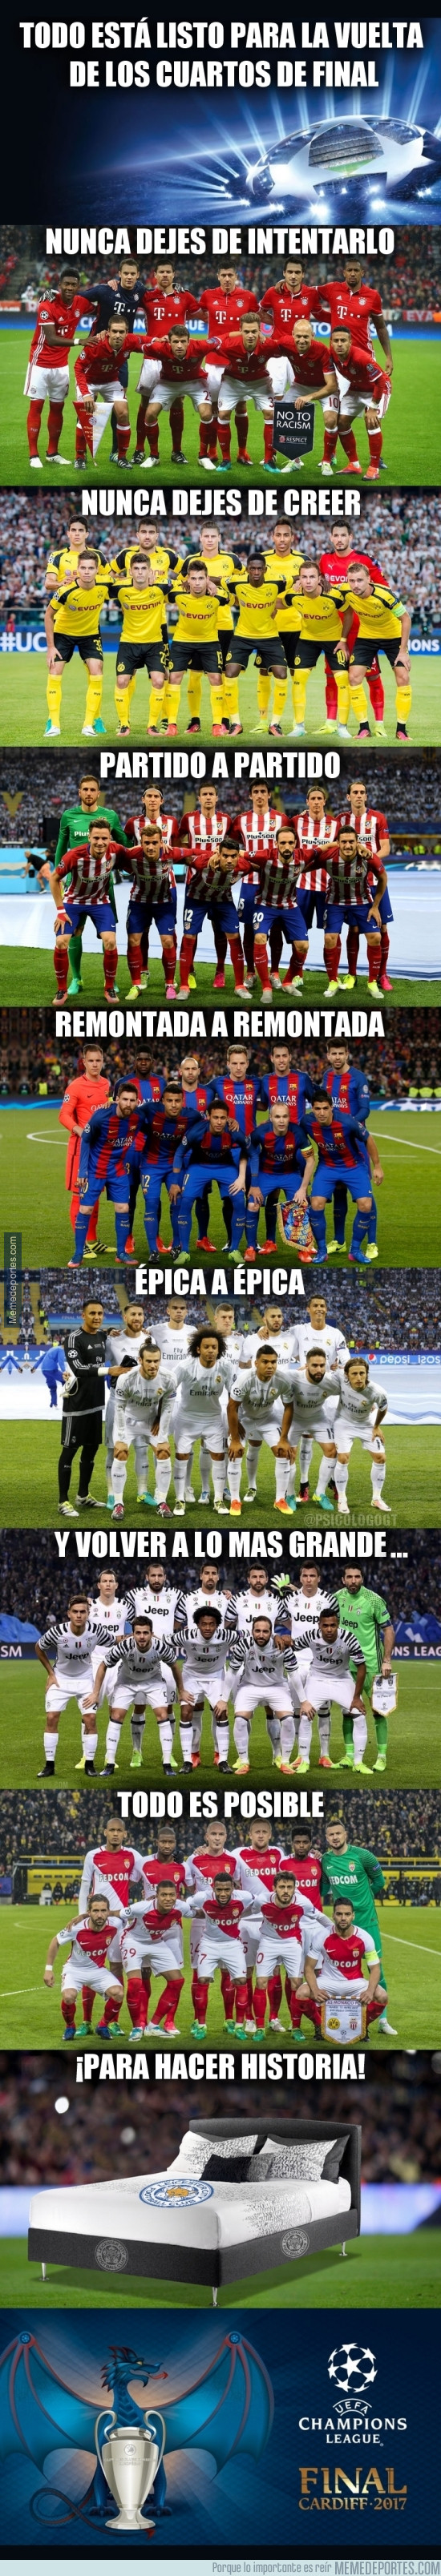 968033 - Ocho equipos, un mismo sueño: La Champions League